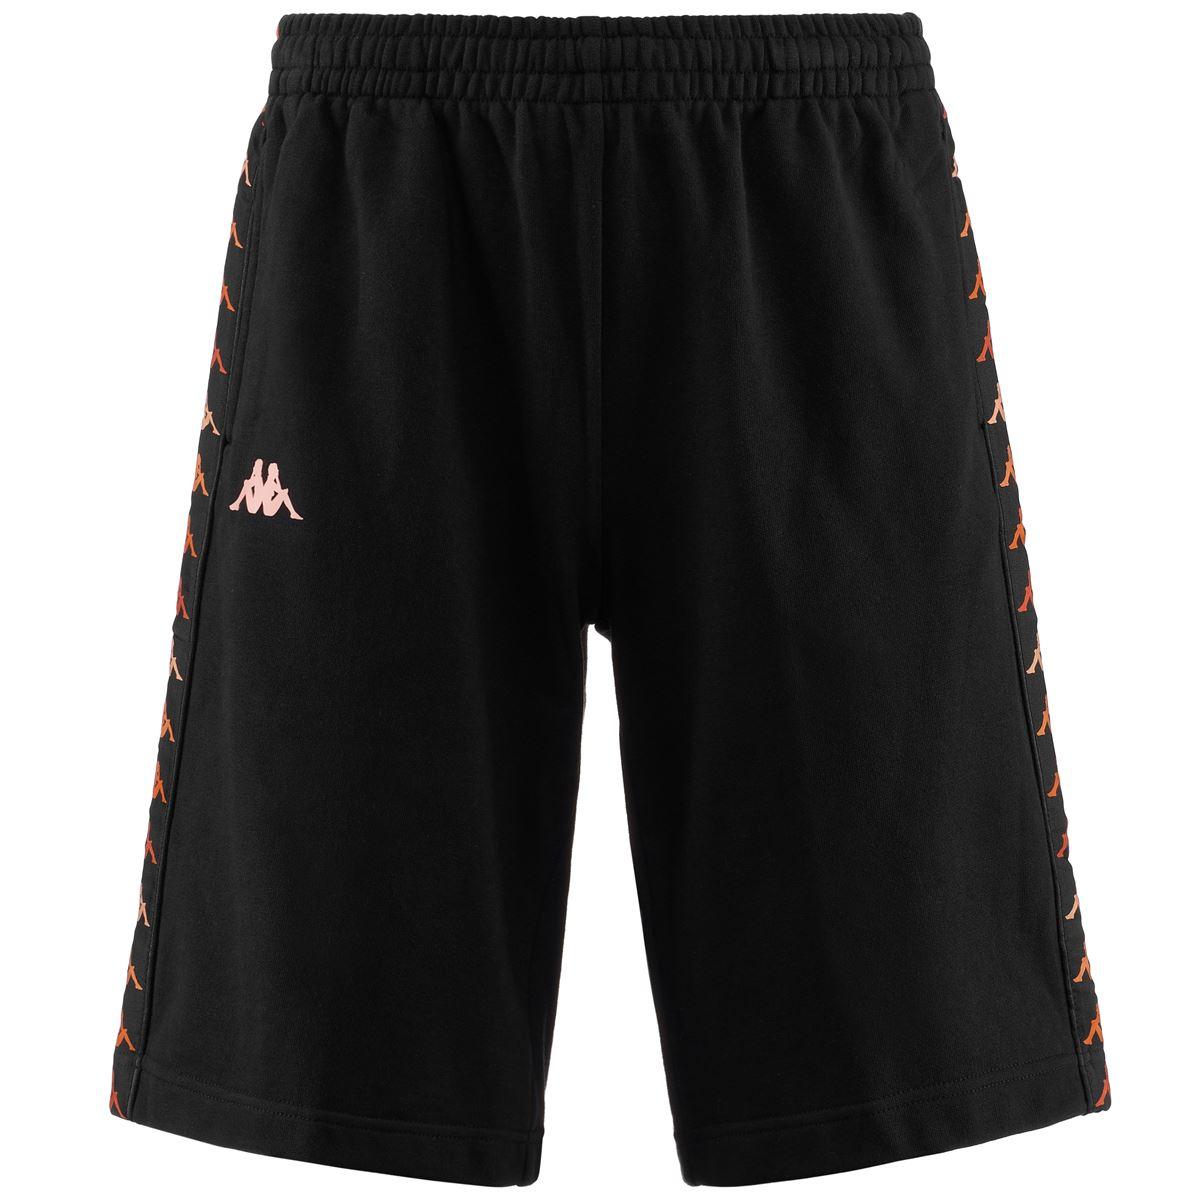 Shorts Kappa Authentic Gaber KAPPA | Shorts | 38143FWA00